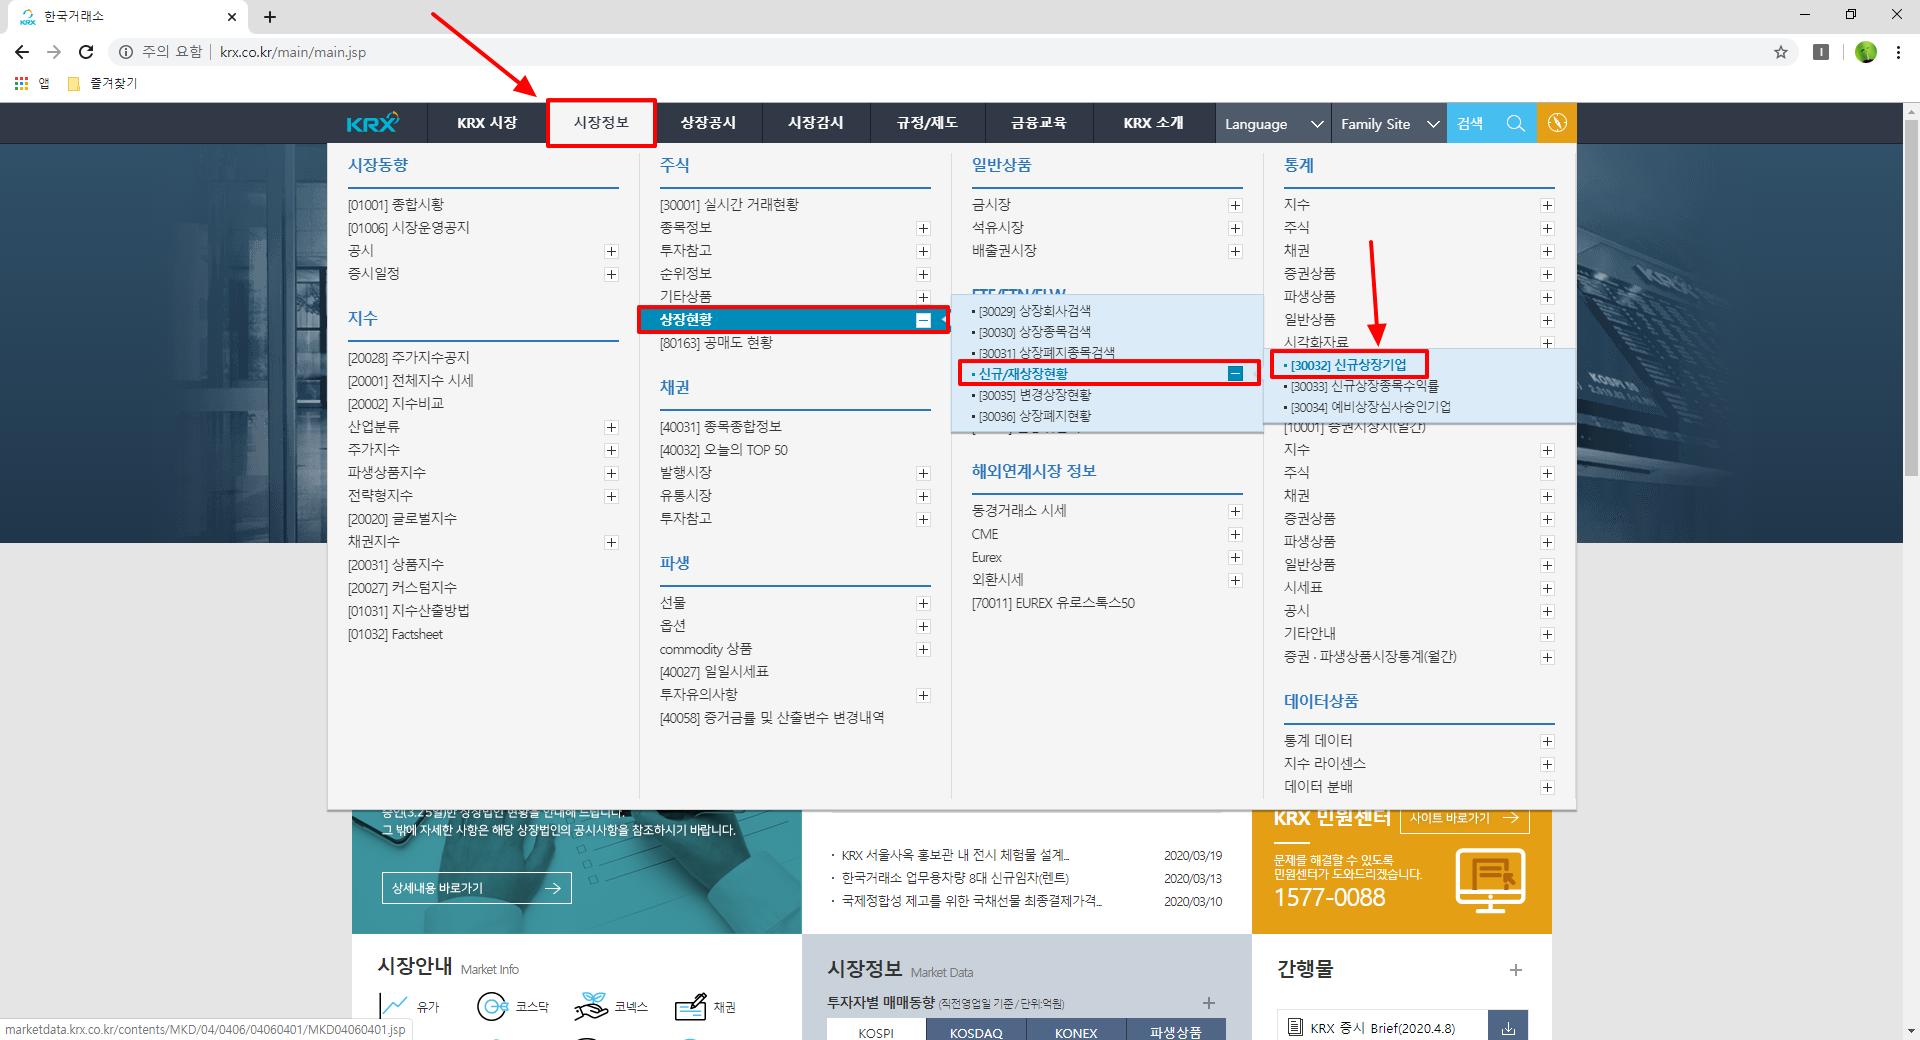 주식 신규 상장 기업 리스트 확인 방법